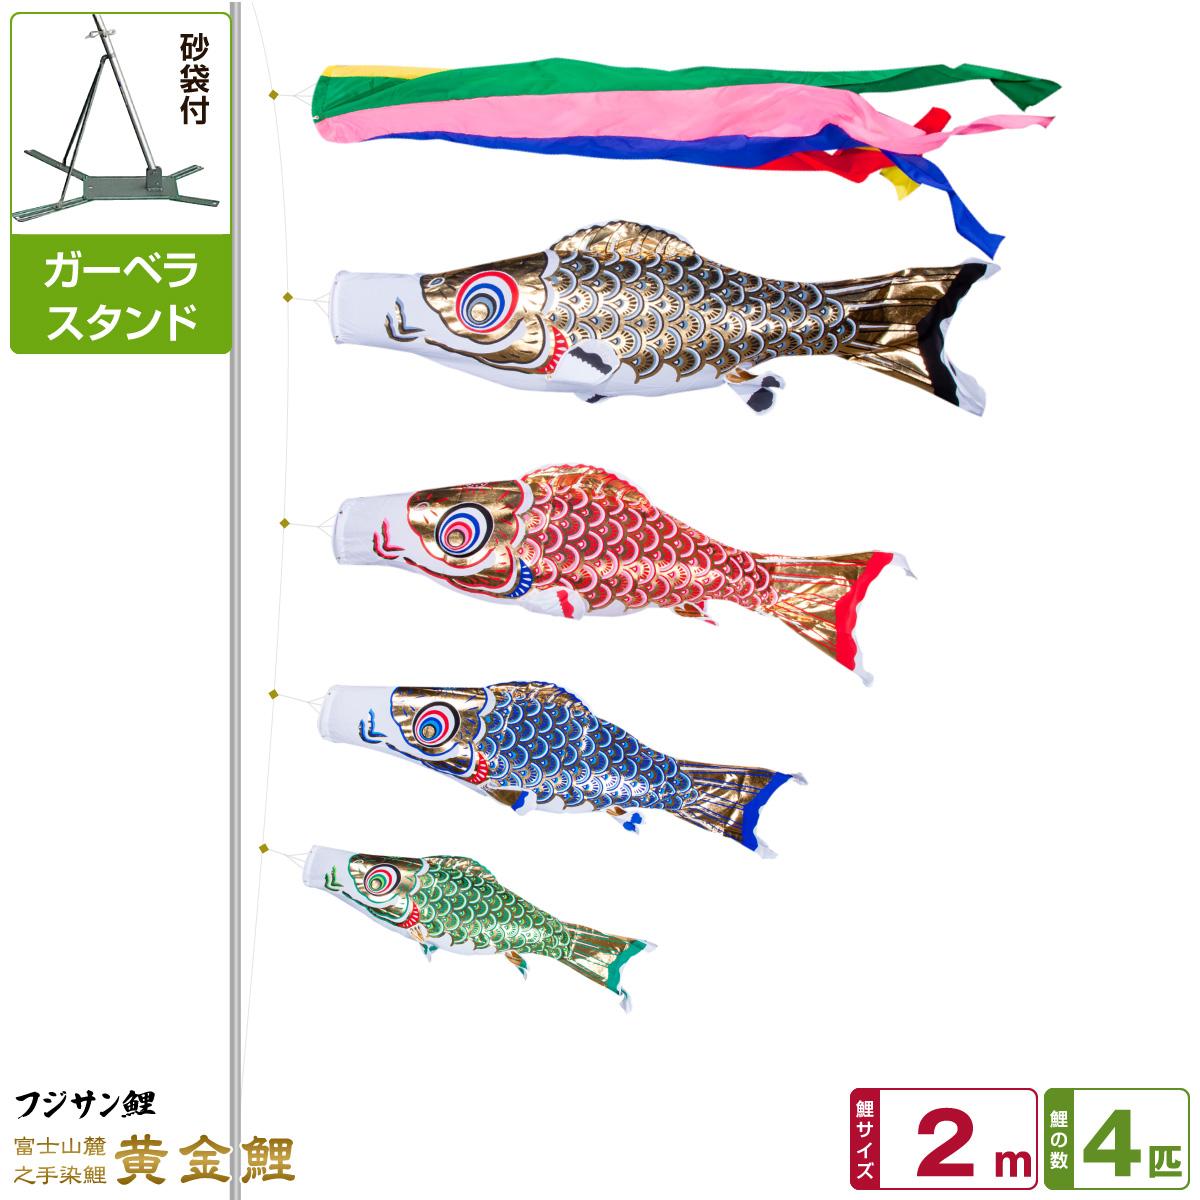 ベランダ用 こいのぼり 鯉のぼり フジサン鯉 黄金鯉 2m 7点(吹流し+鯉4匹+矢車+ロープ)/ガーベラセット(庭・ベランダ兼用スタンド)